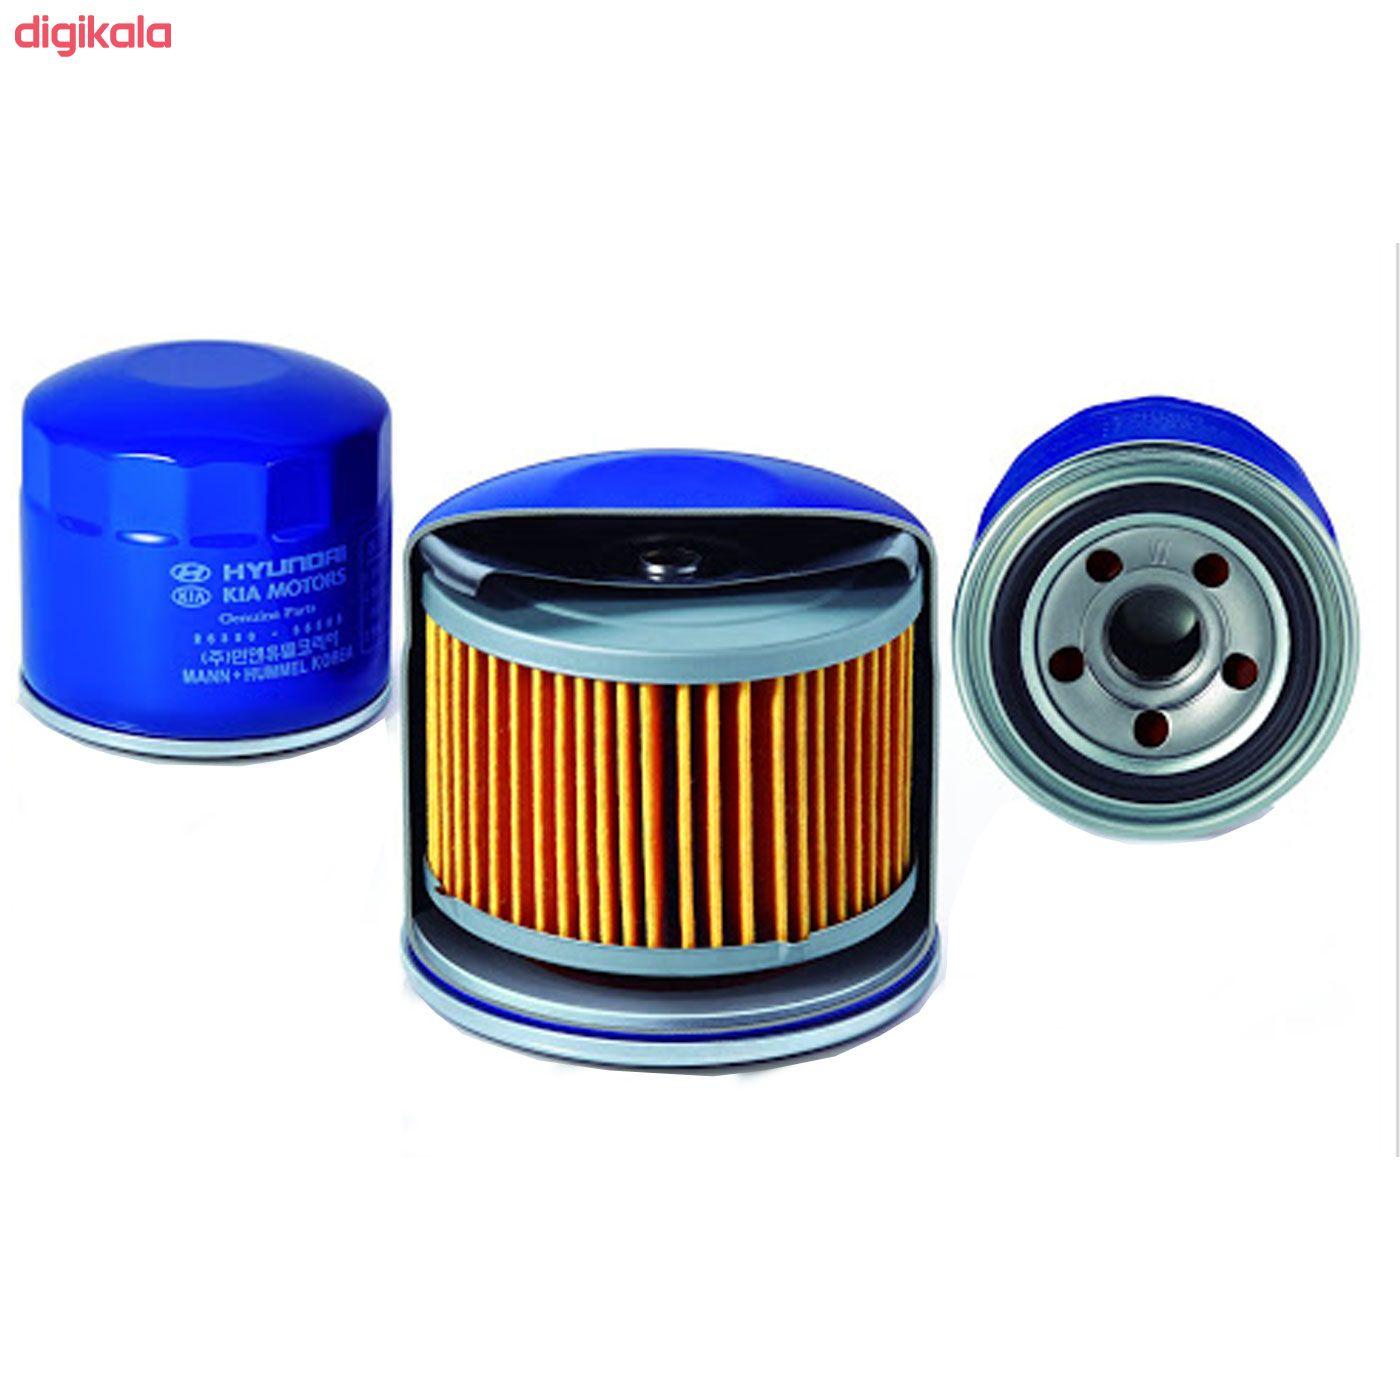 فیلتر روغن خودرو هیوندای جنیون پارتس مدل 35505 مناسب برای هیوندای ازرا گرندجور main 1 2